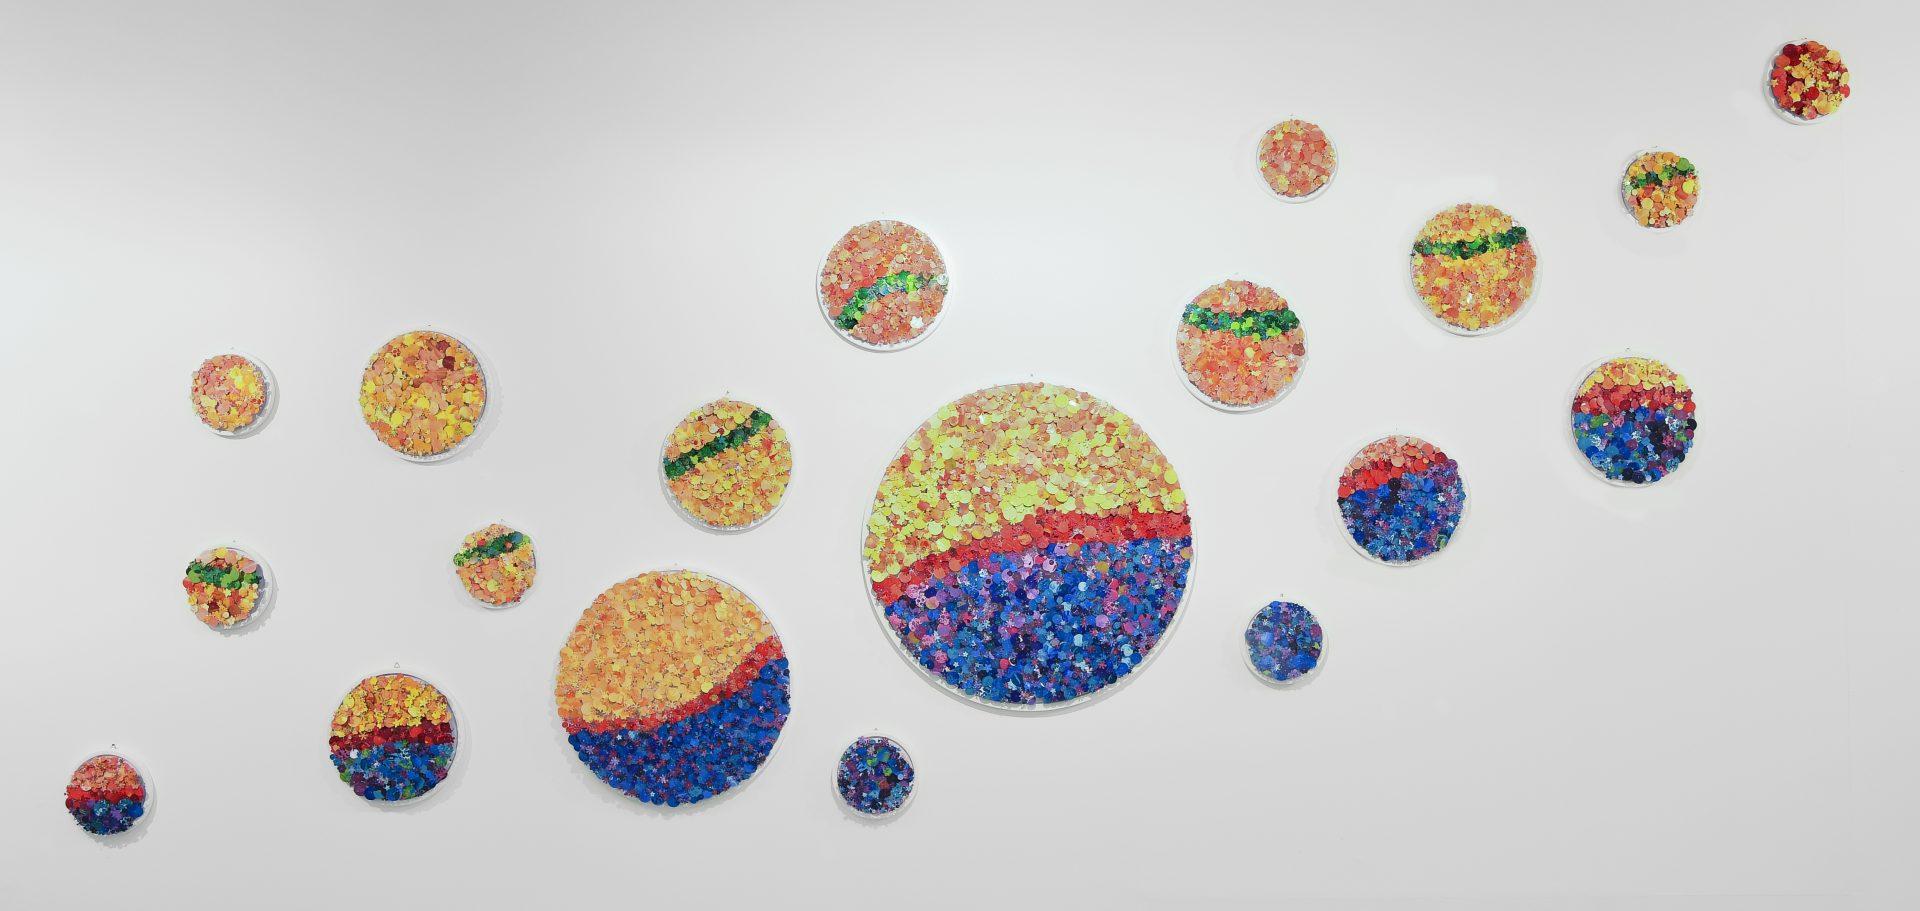 Aggregazioni molecolari e piccole storie della natura<br>MLTT07<br>Installazione Completa<br>misure: 400 x 250 cm<br>tecnica: tasselli in pvc dipinti a acrilico su poliplat<br>anno: 2017<br><br>DISPONIBILE